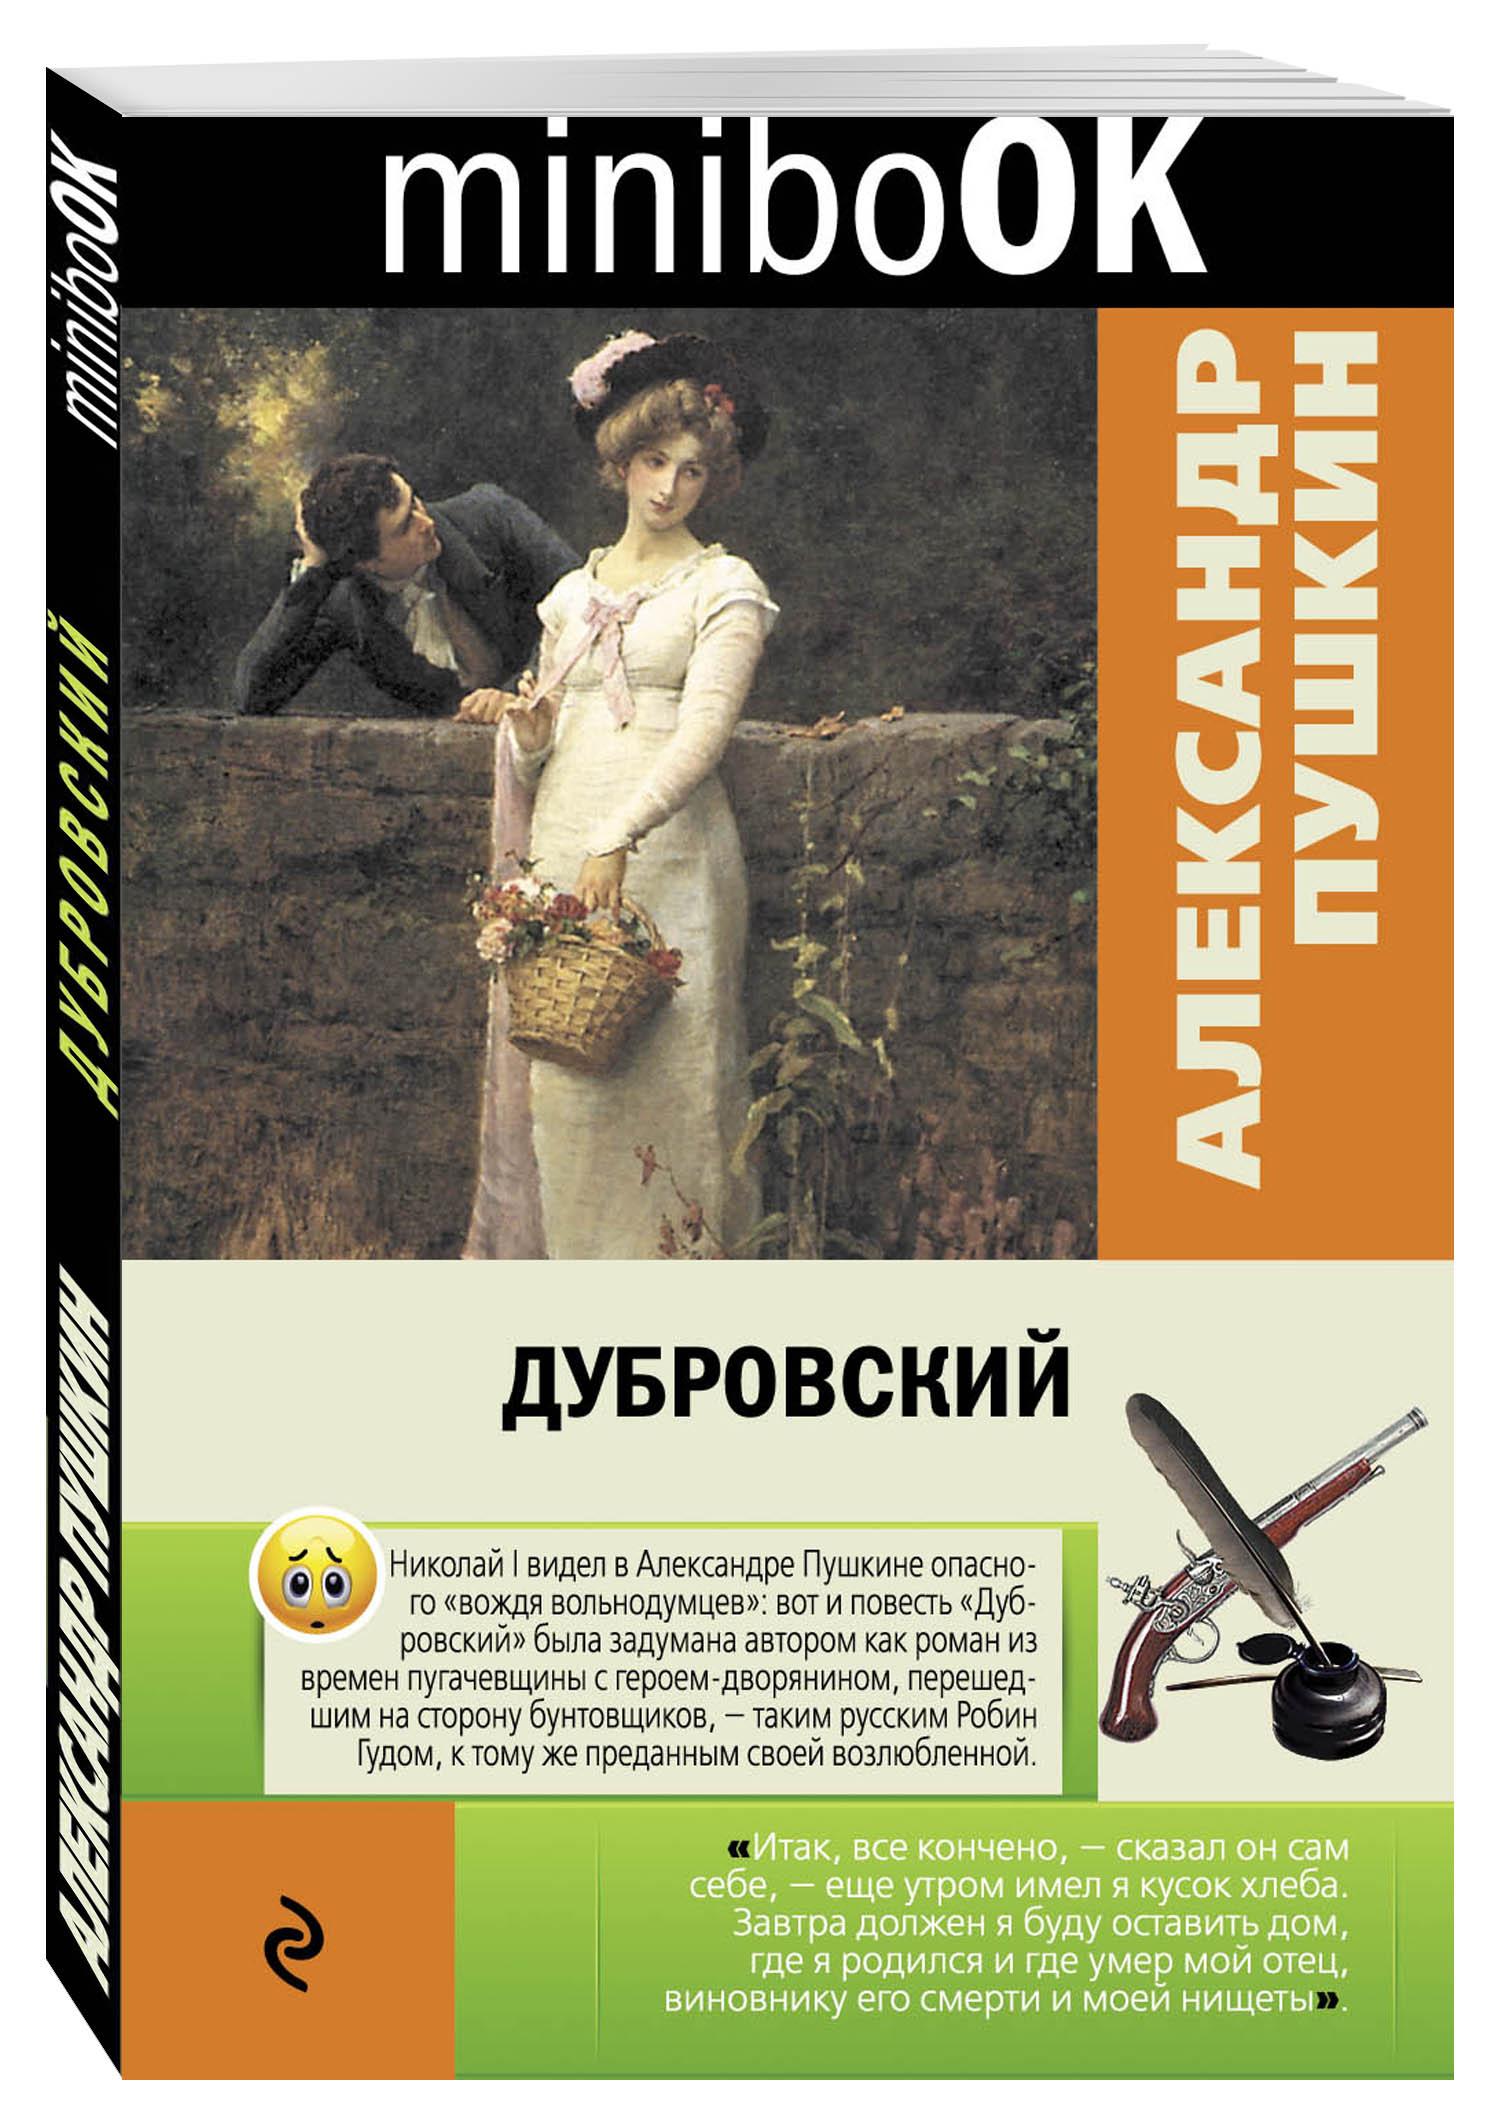 Александр Пушкин Дубровский дубровский dvd